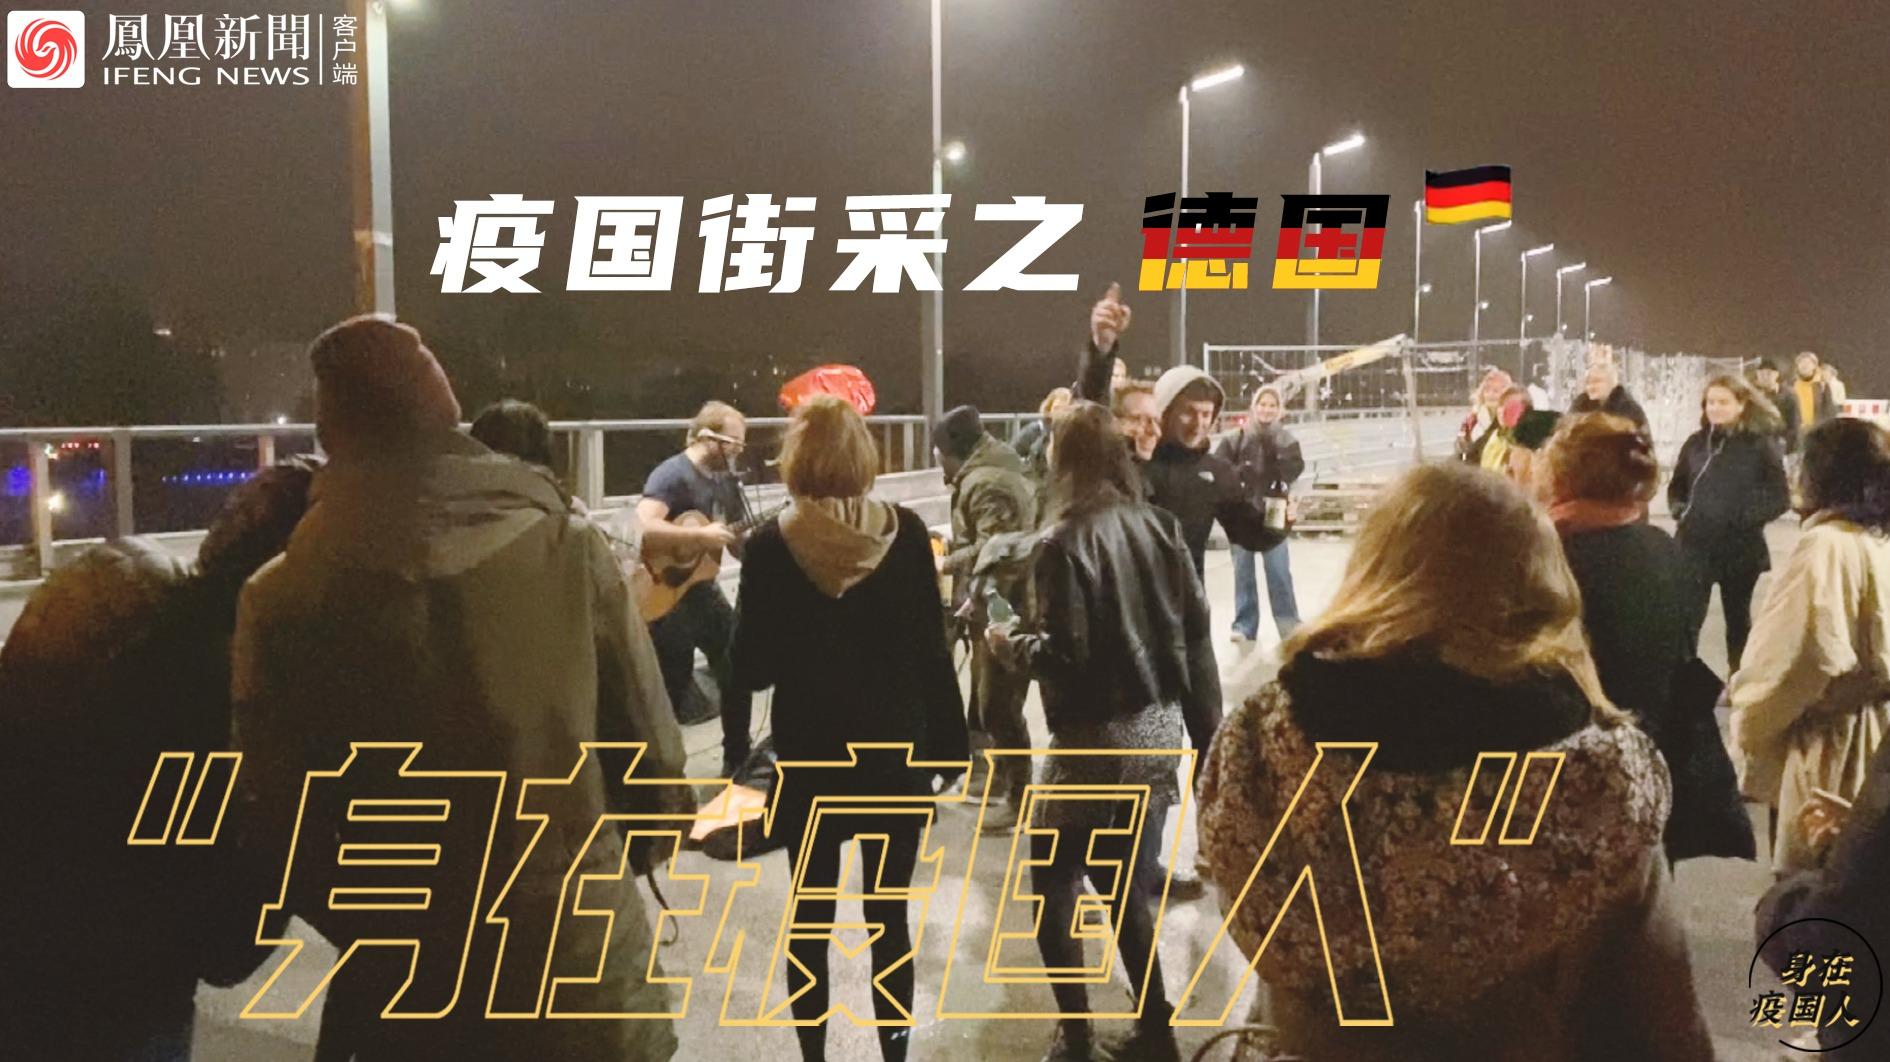 疫情下德国青年在街上蹦迪 民众:死亡率低 不担心